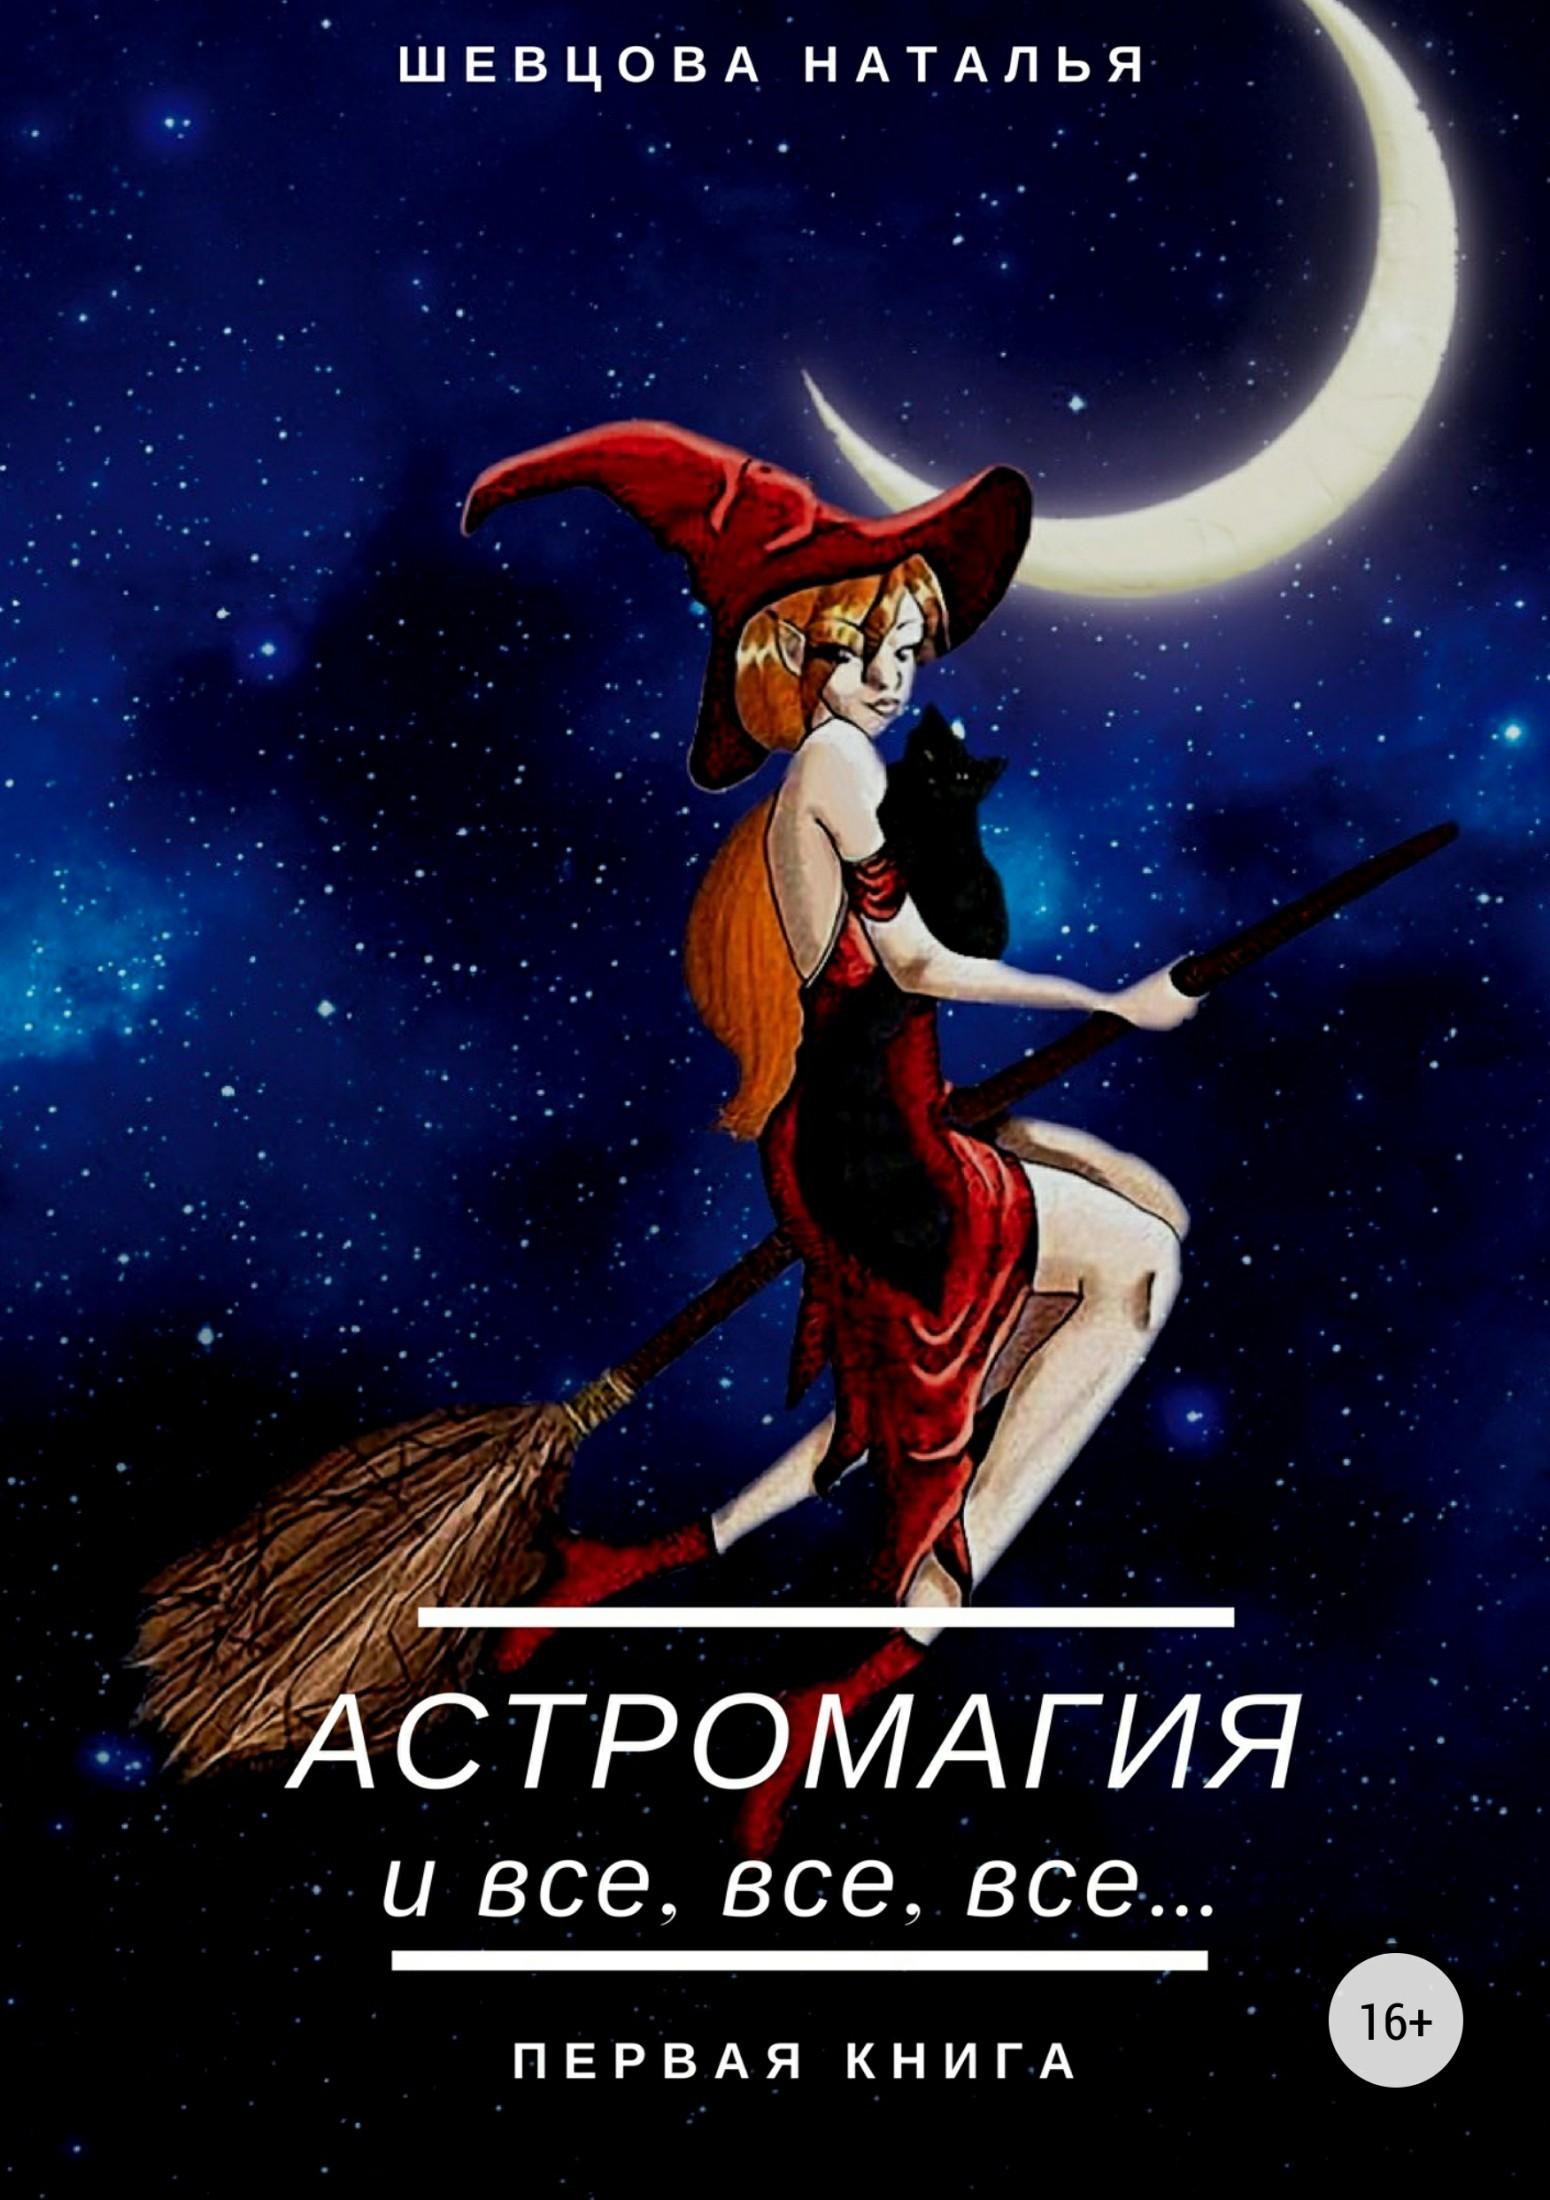 Наталья Шевцова бесплатно